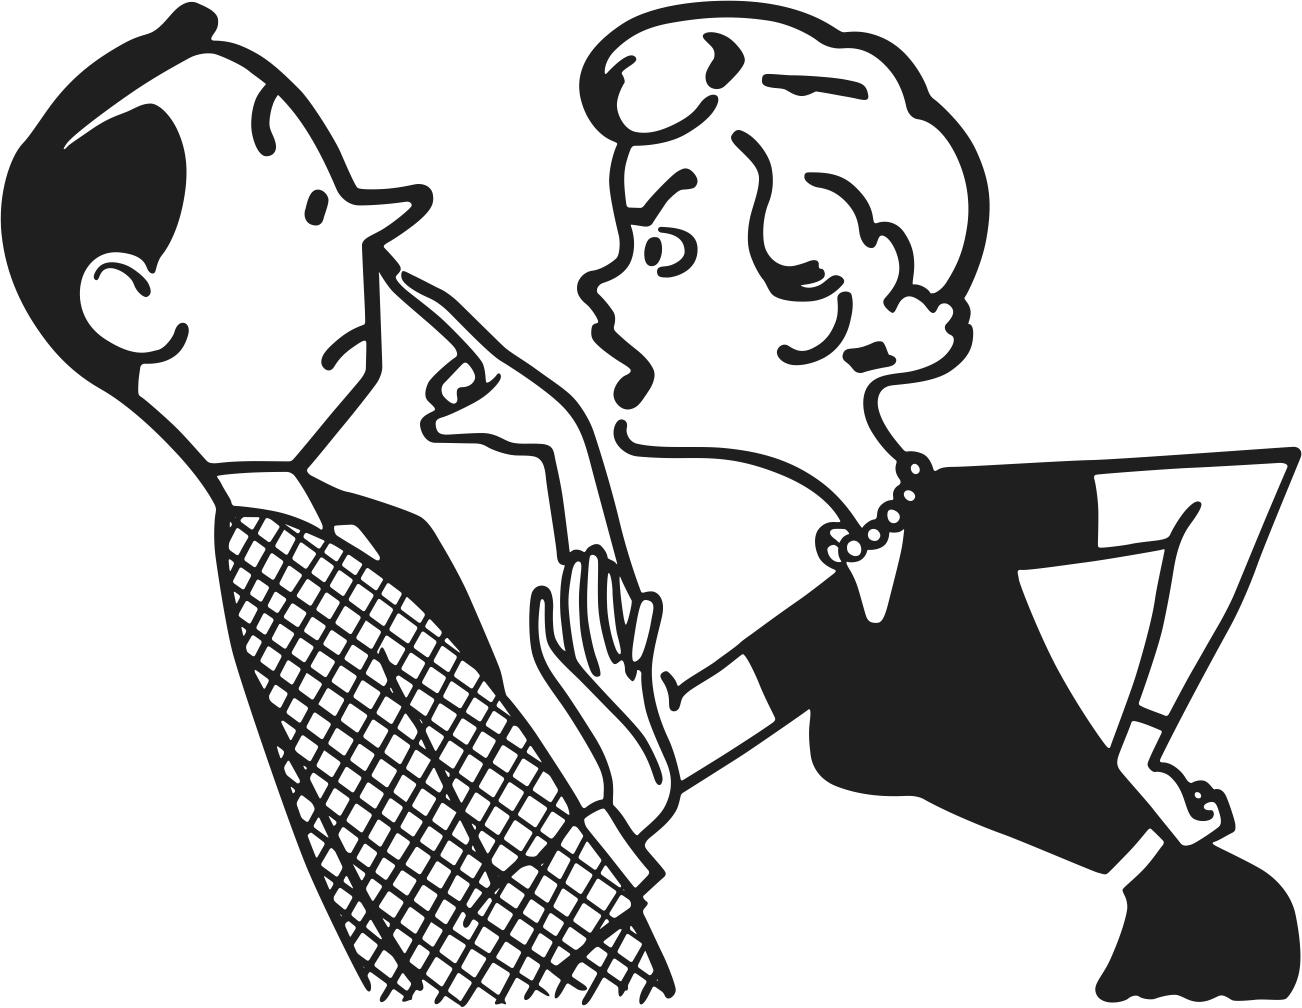 Другу, смешные картинки муж и жена спорят